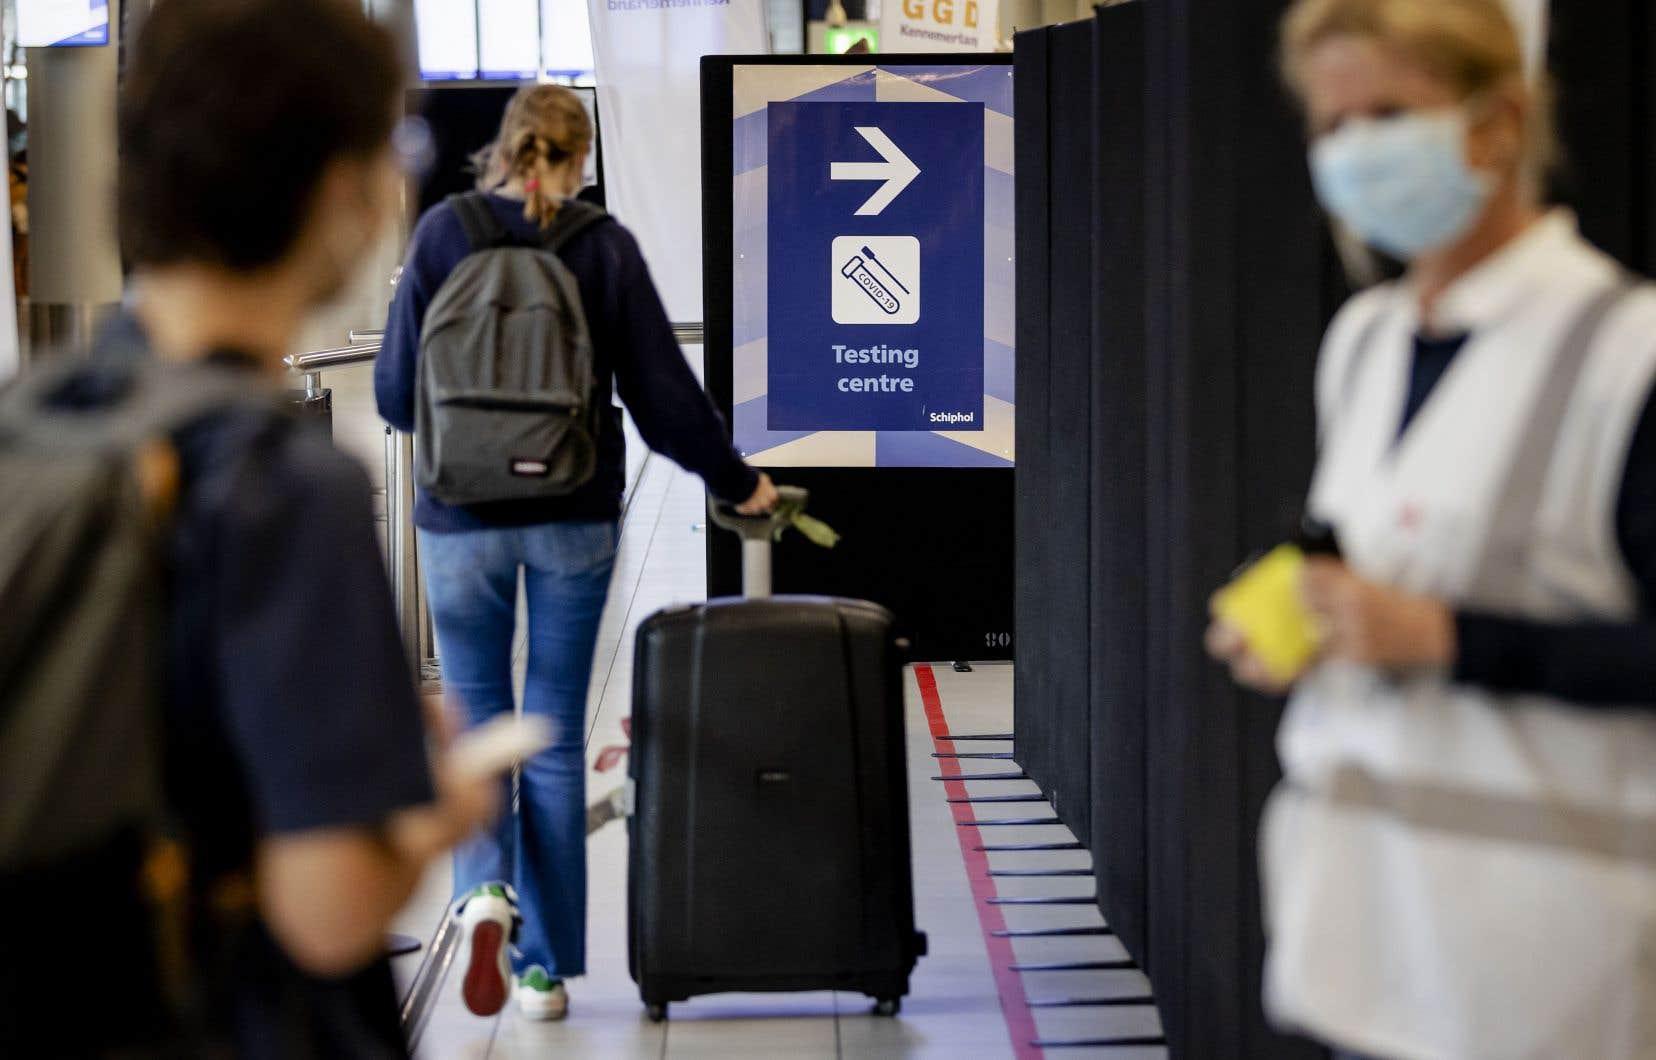 Un dépistage avant le départ permettrait d'éviter aux passagers de se soumettre à une quarantaine à leur arrivée à destination, croit l'IATA.